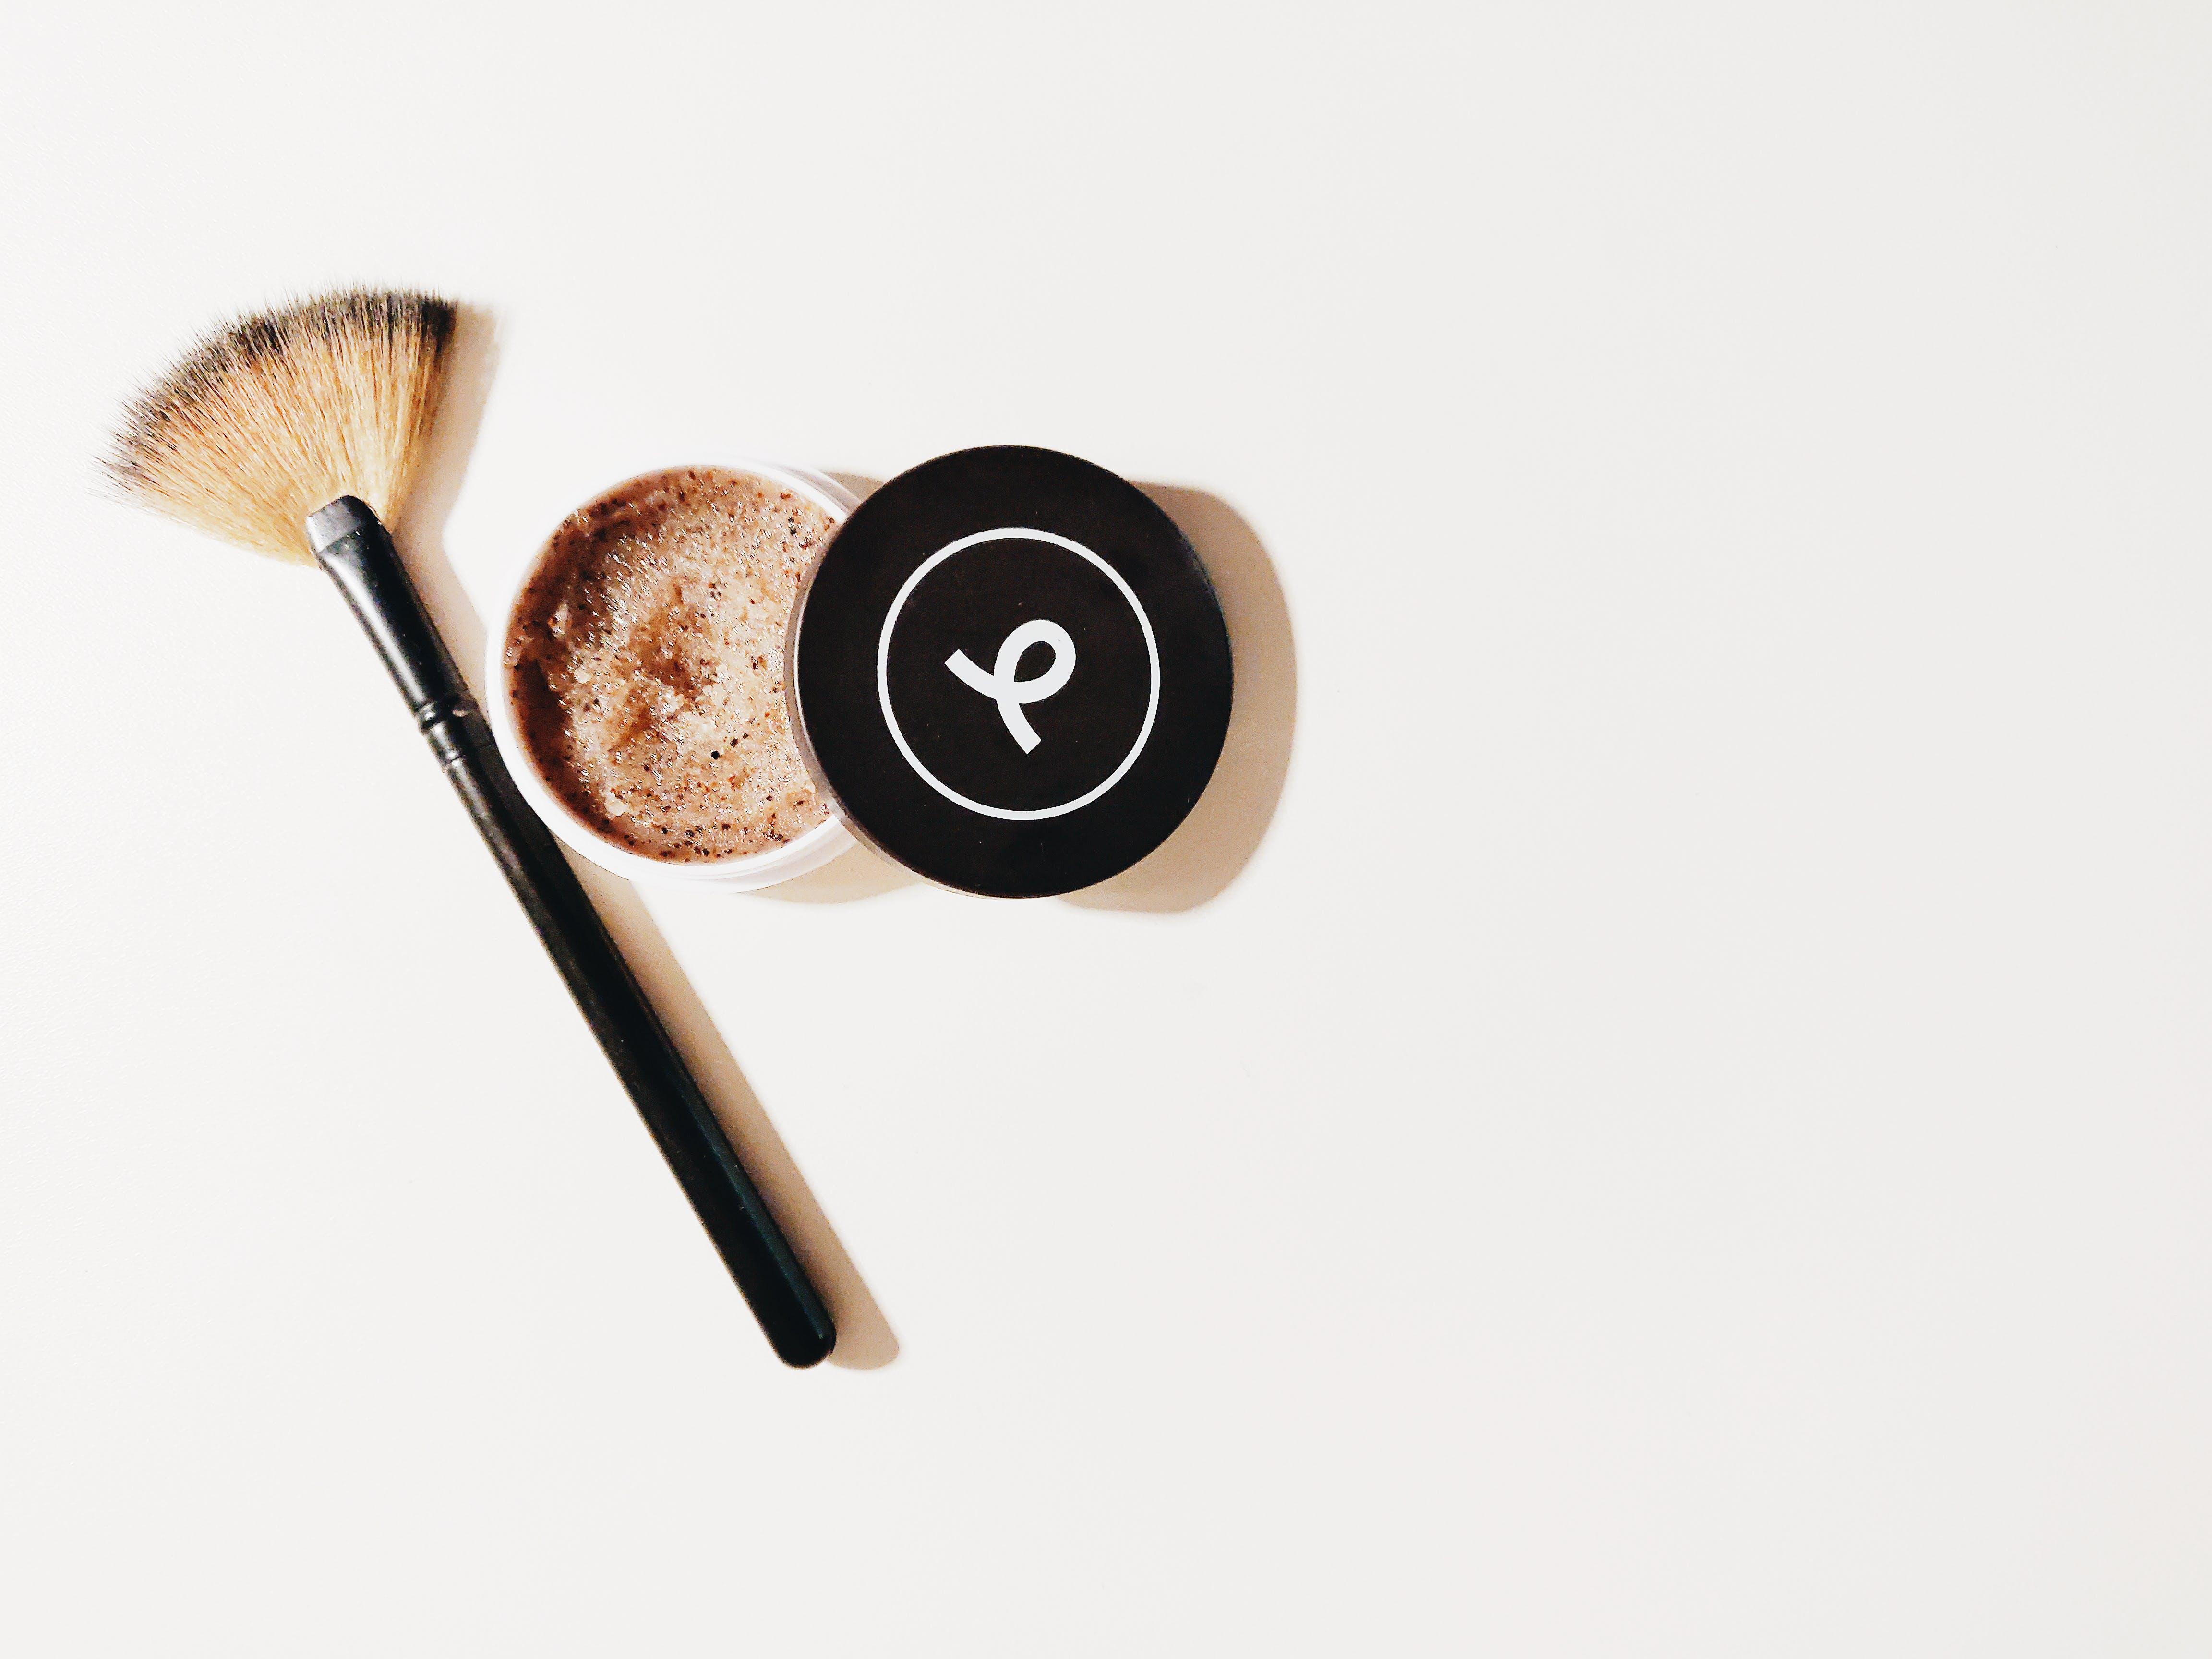 Darmowe zdjęcie z galerii z makijaż, pędzel, płaszczyzna, szorować